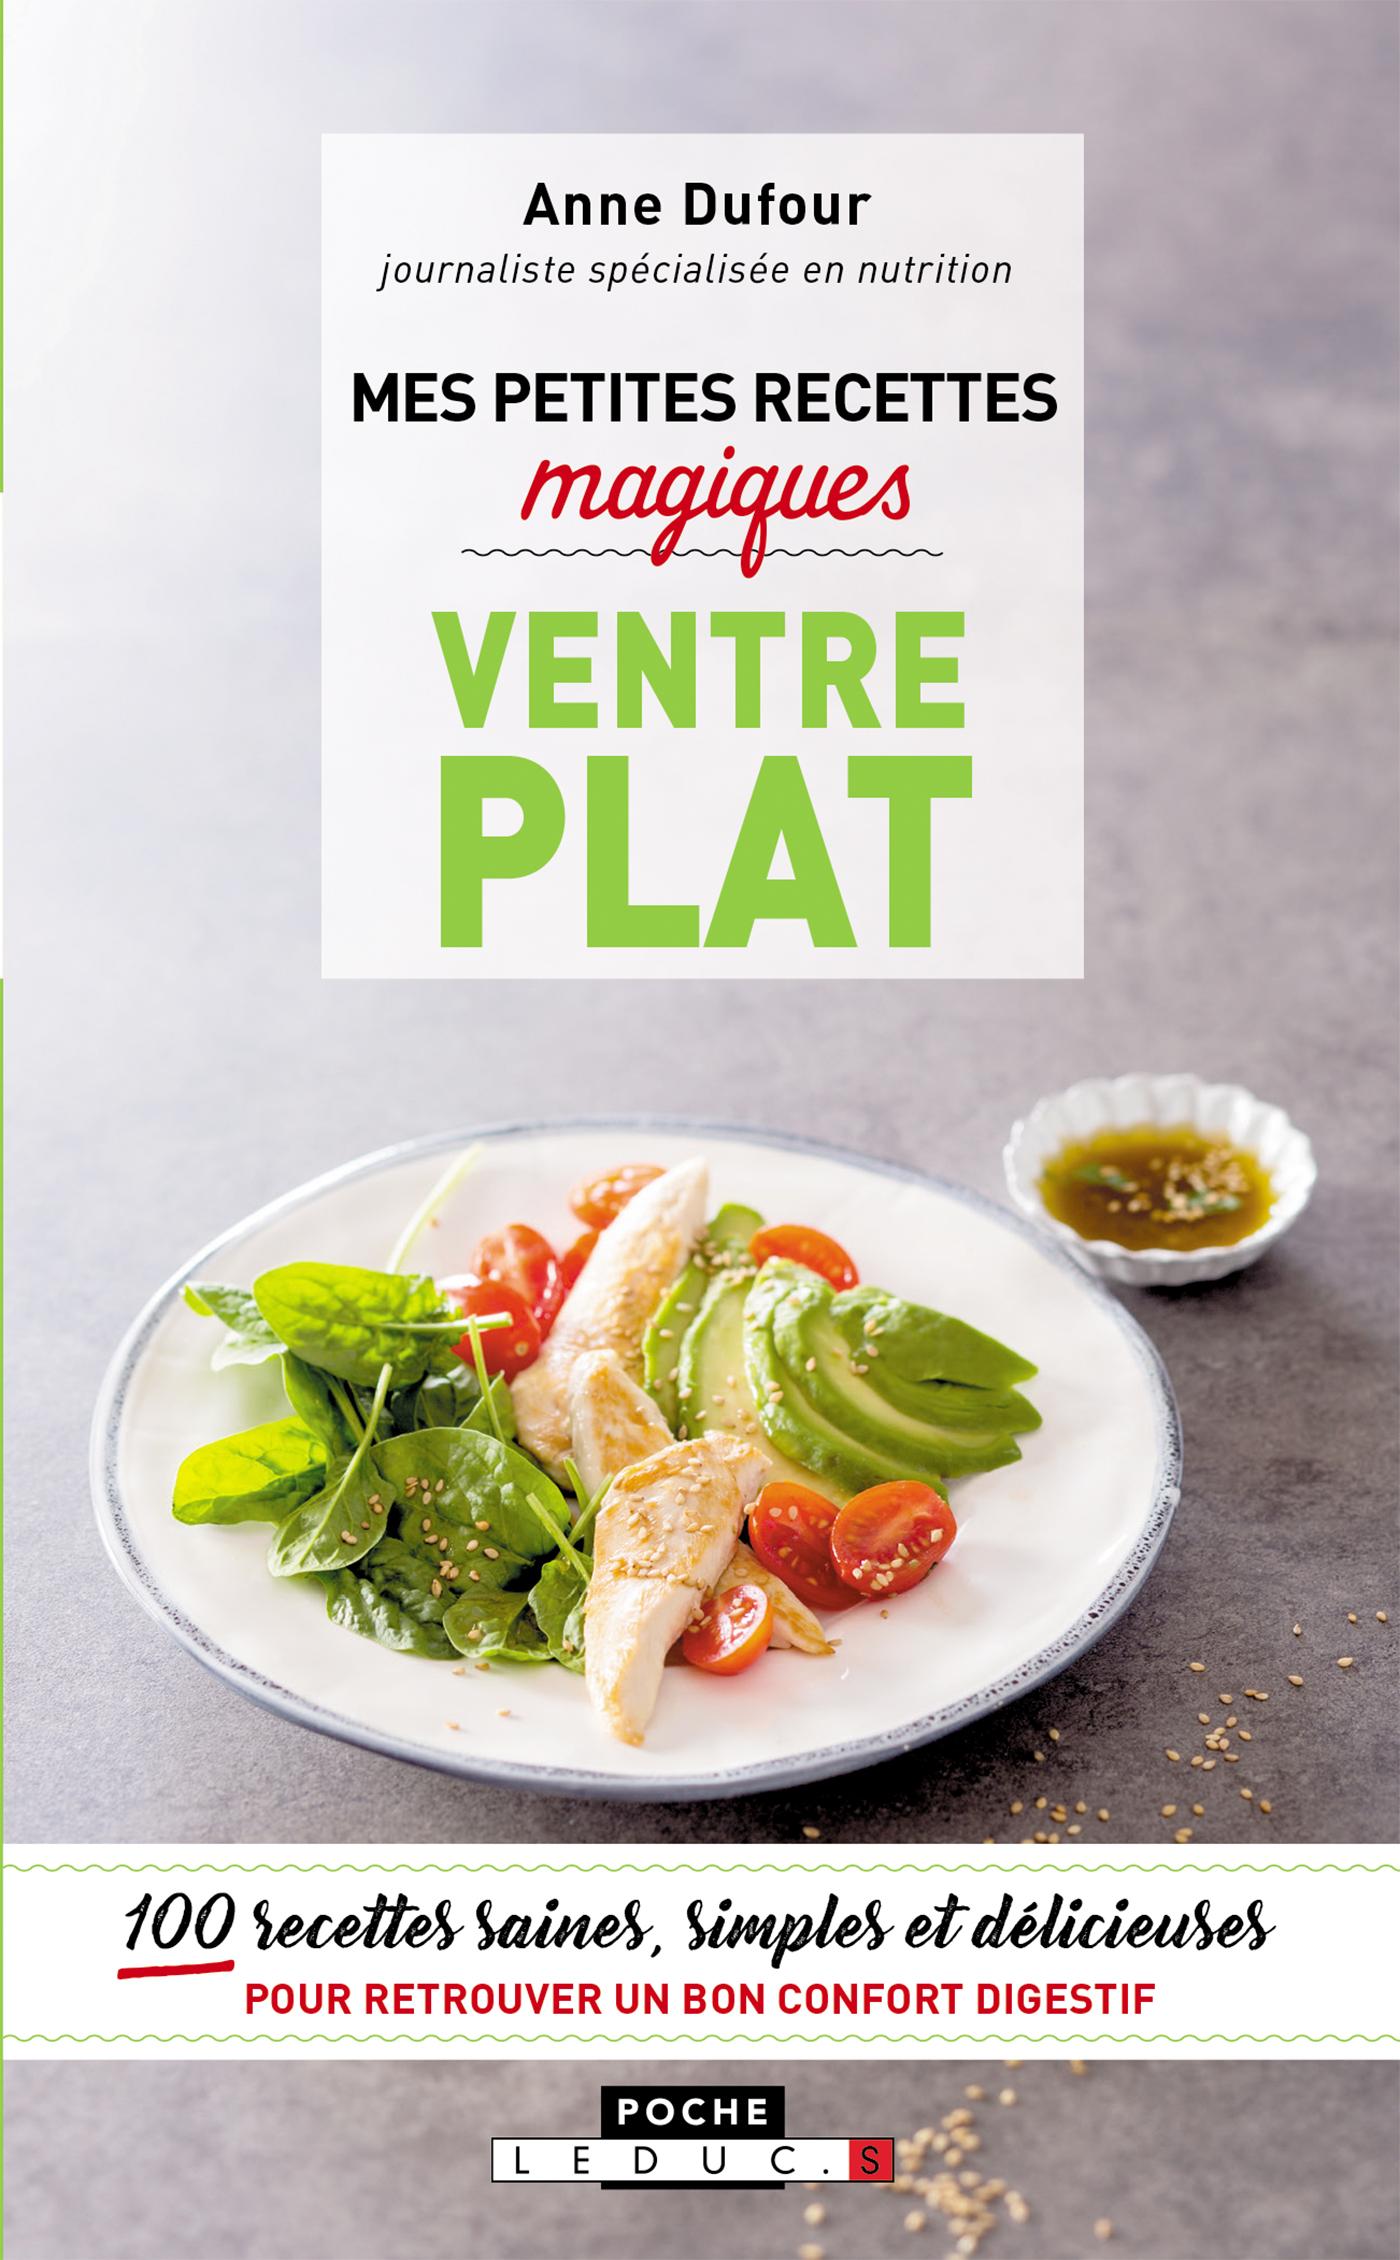 Mes petites recettes magiques ventre plat - 100 recettes saines, simples et  délicieuses pour retrouver un bon confort digestif - Anne Dufour (EAN13 ...